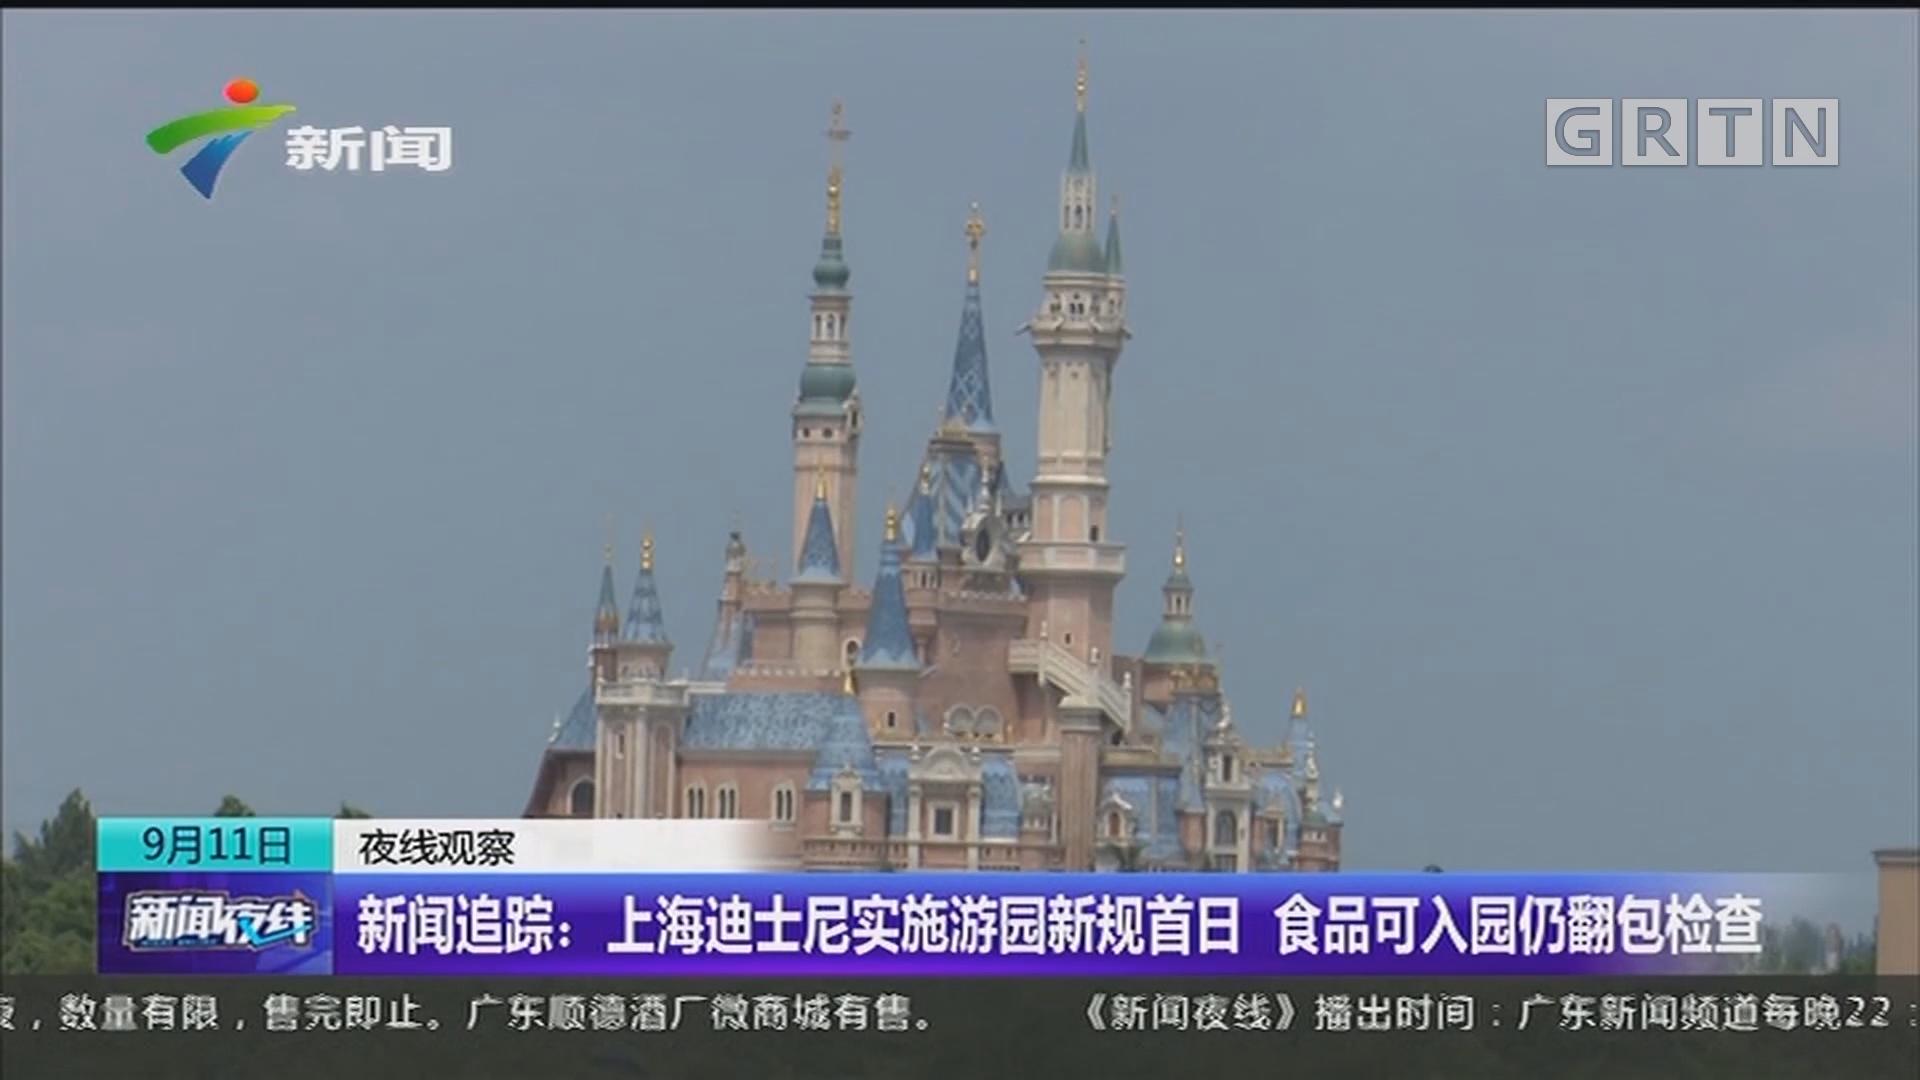 新闻追踪:上海迪士尼实施游园新规首日 食品可入园仍翻包检查